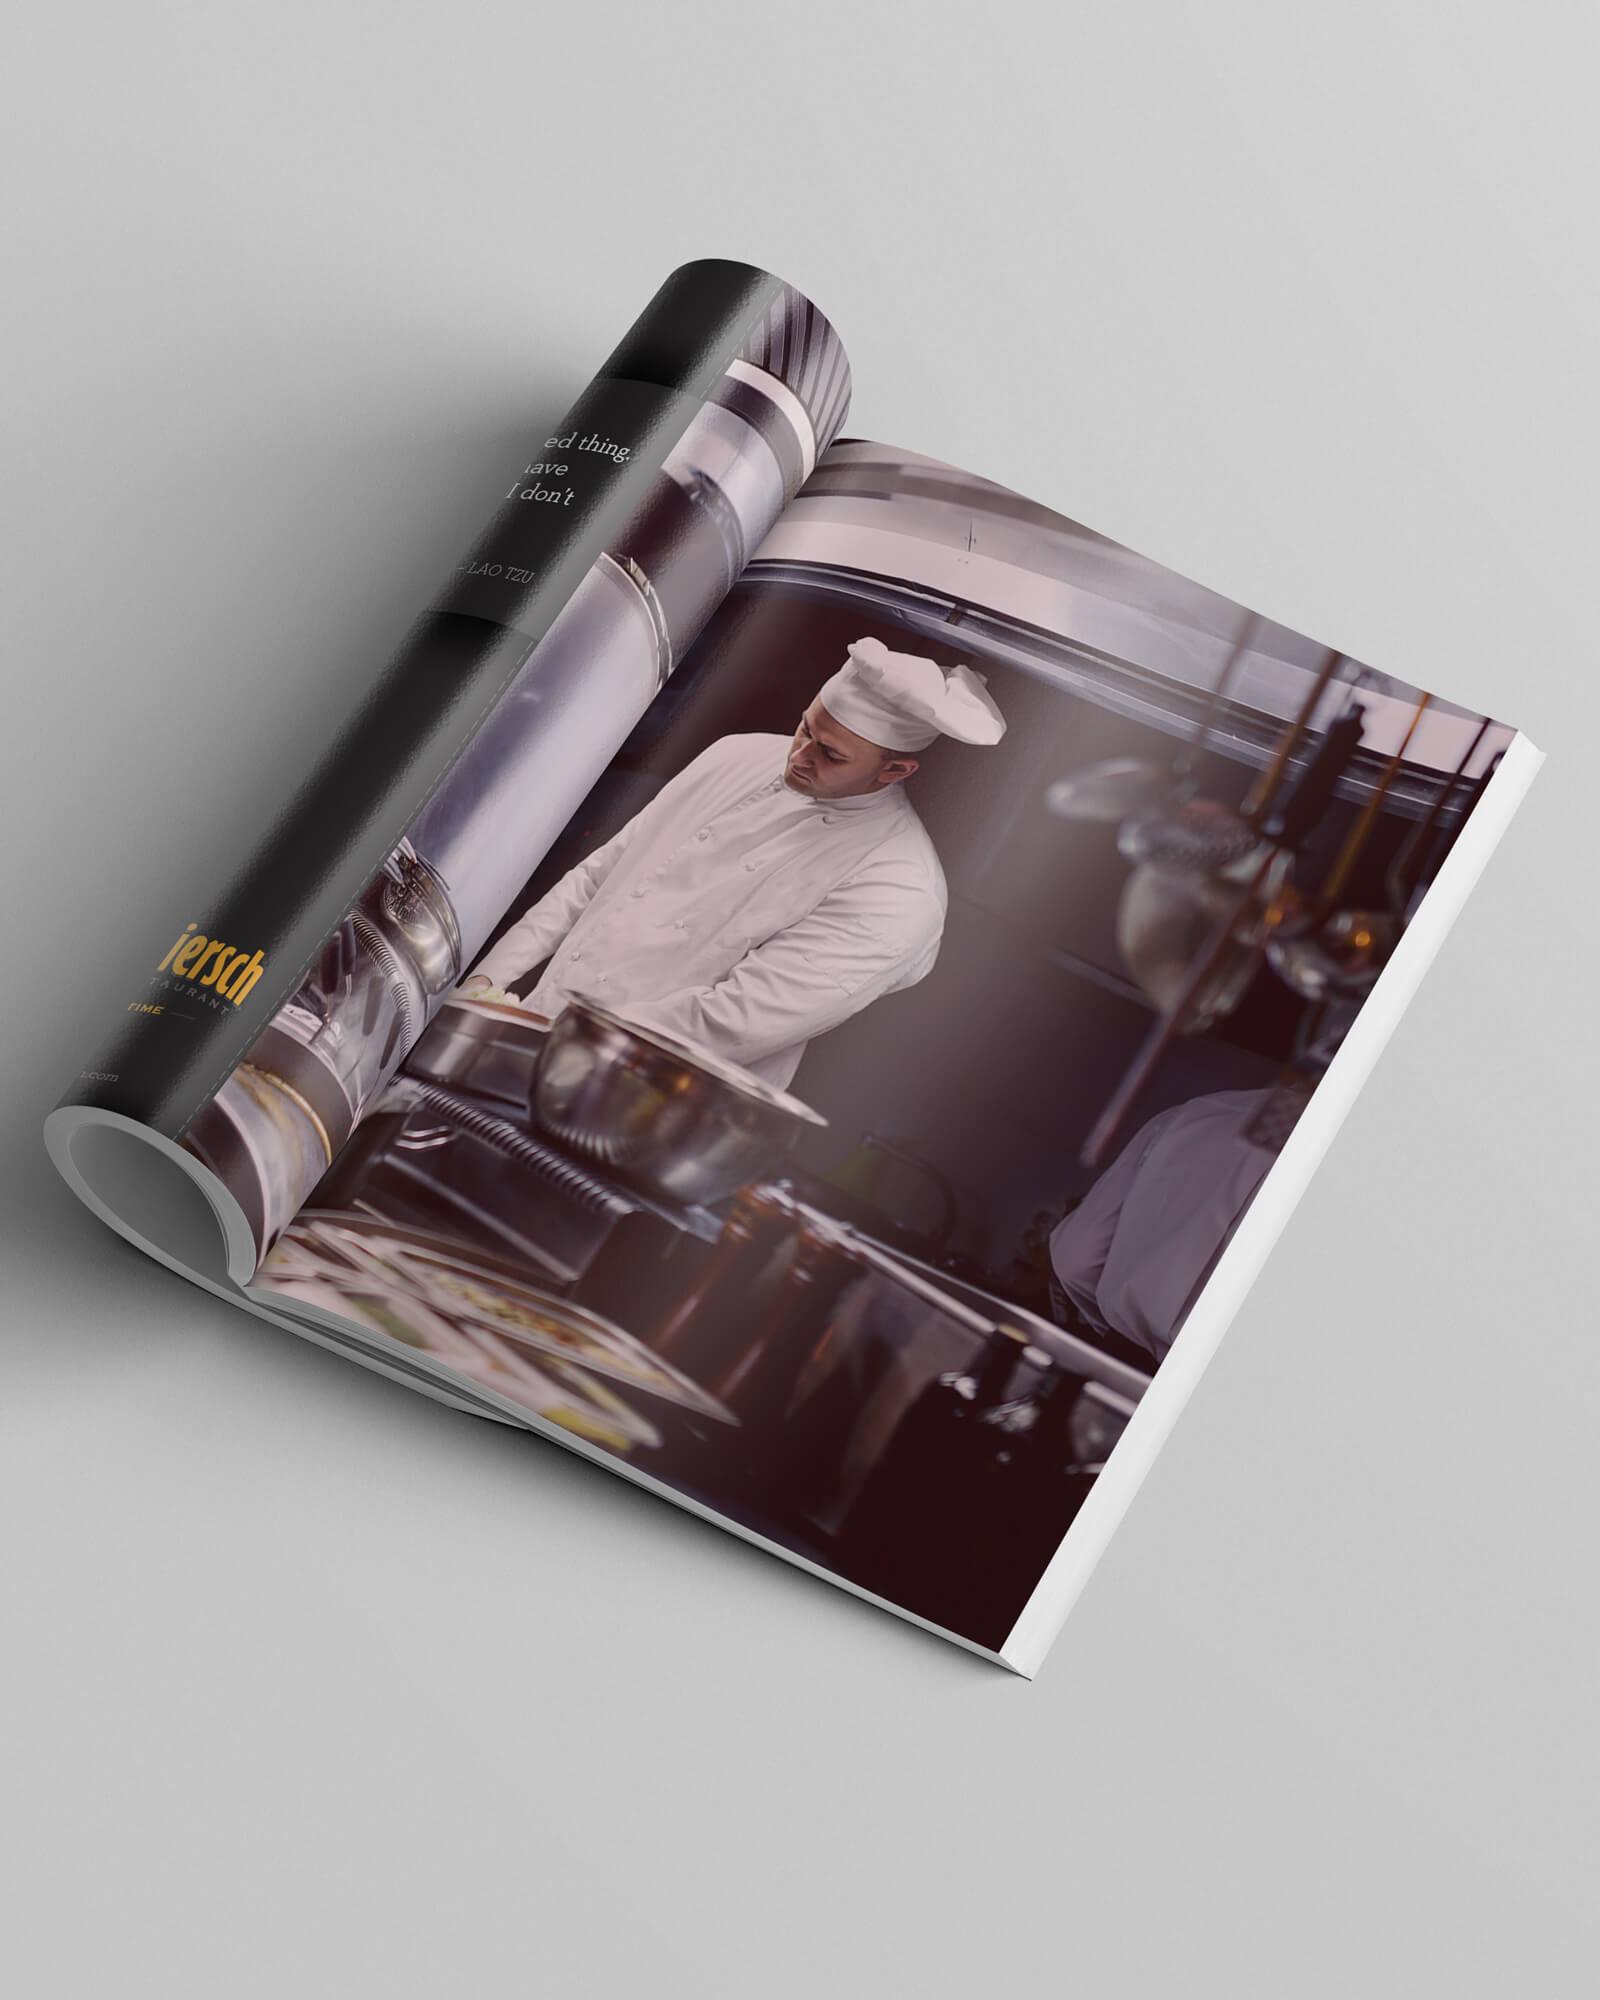 gordon-biersch-chef-print-ad.jpg